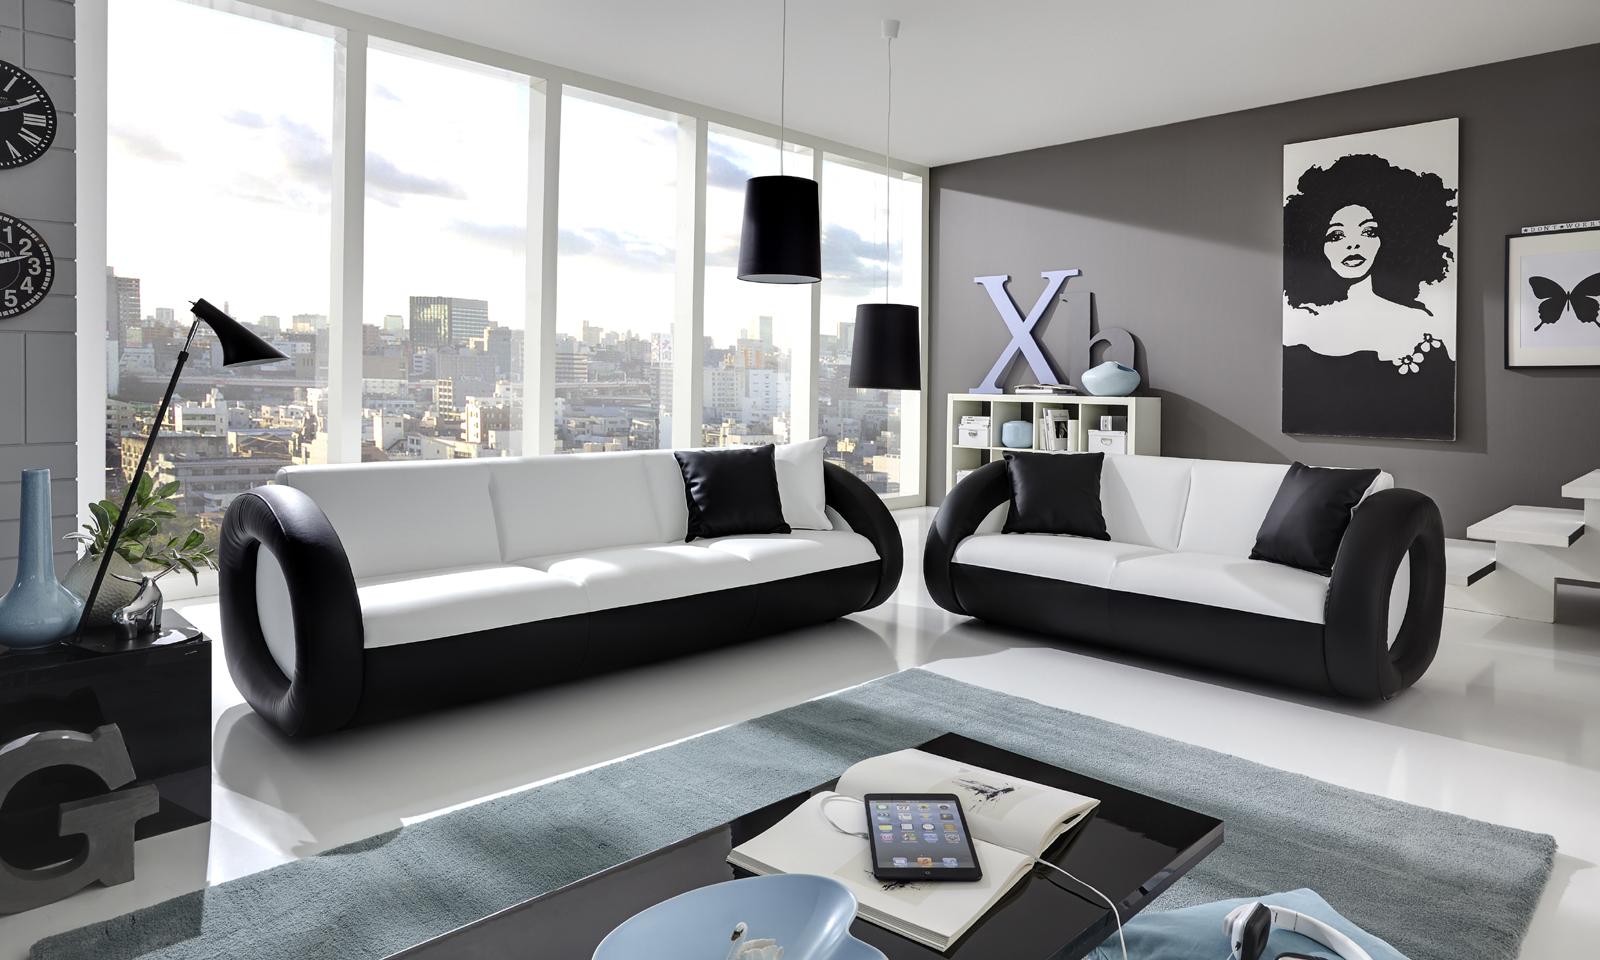 SALE Sofa Couch Garnitur 2+3 Sitzer weiß/schwarz Onda